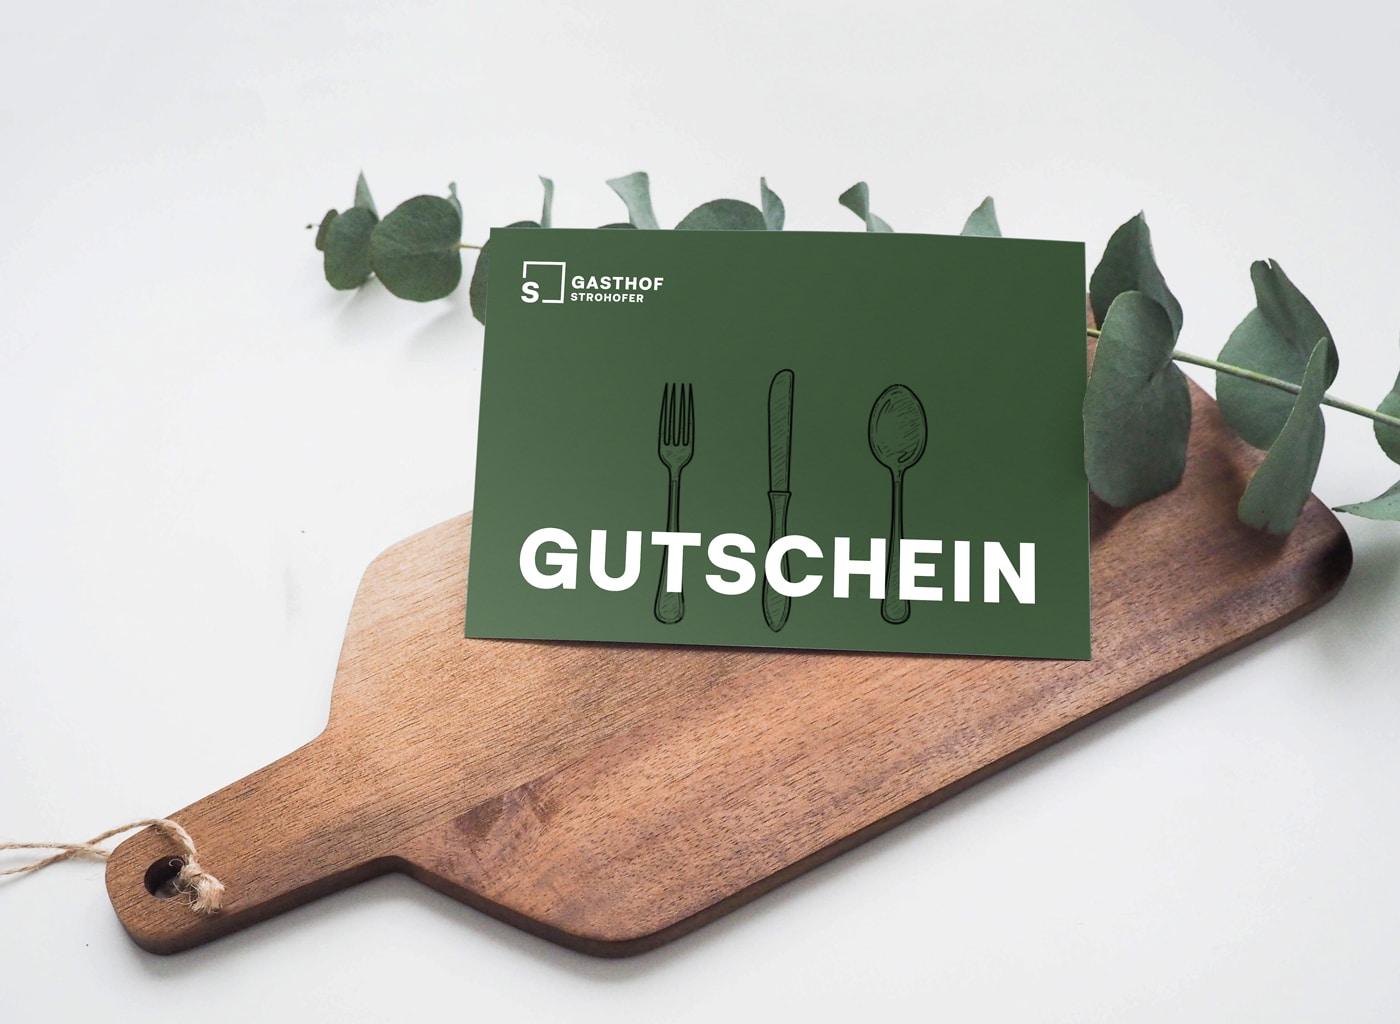 Gasthof Strohofer Gutschein Design